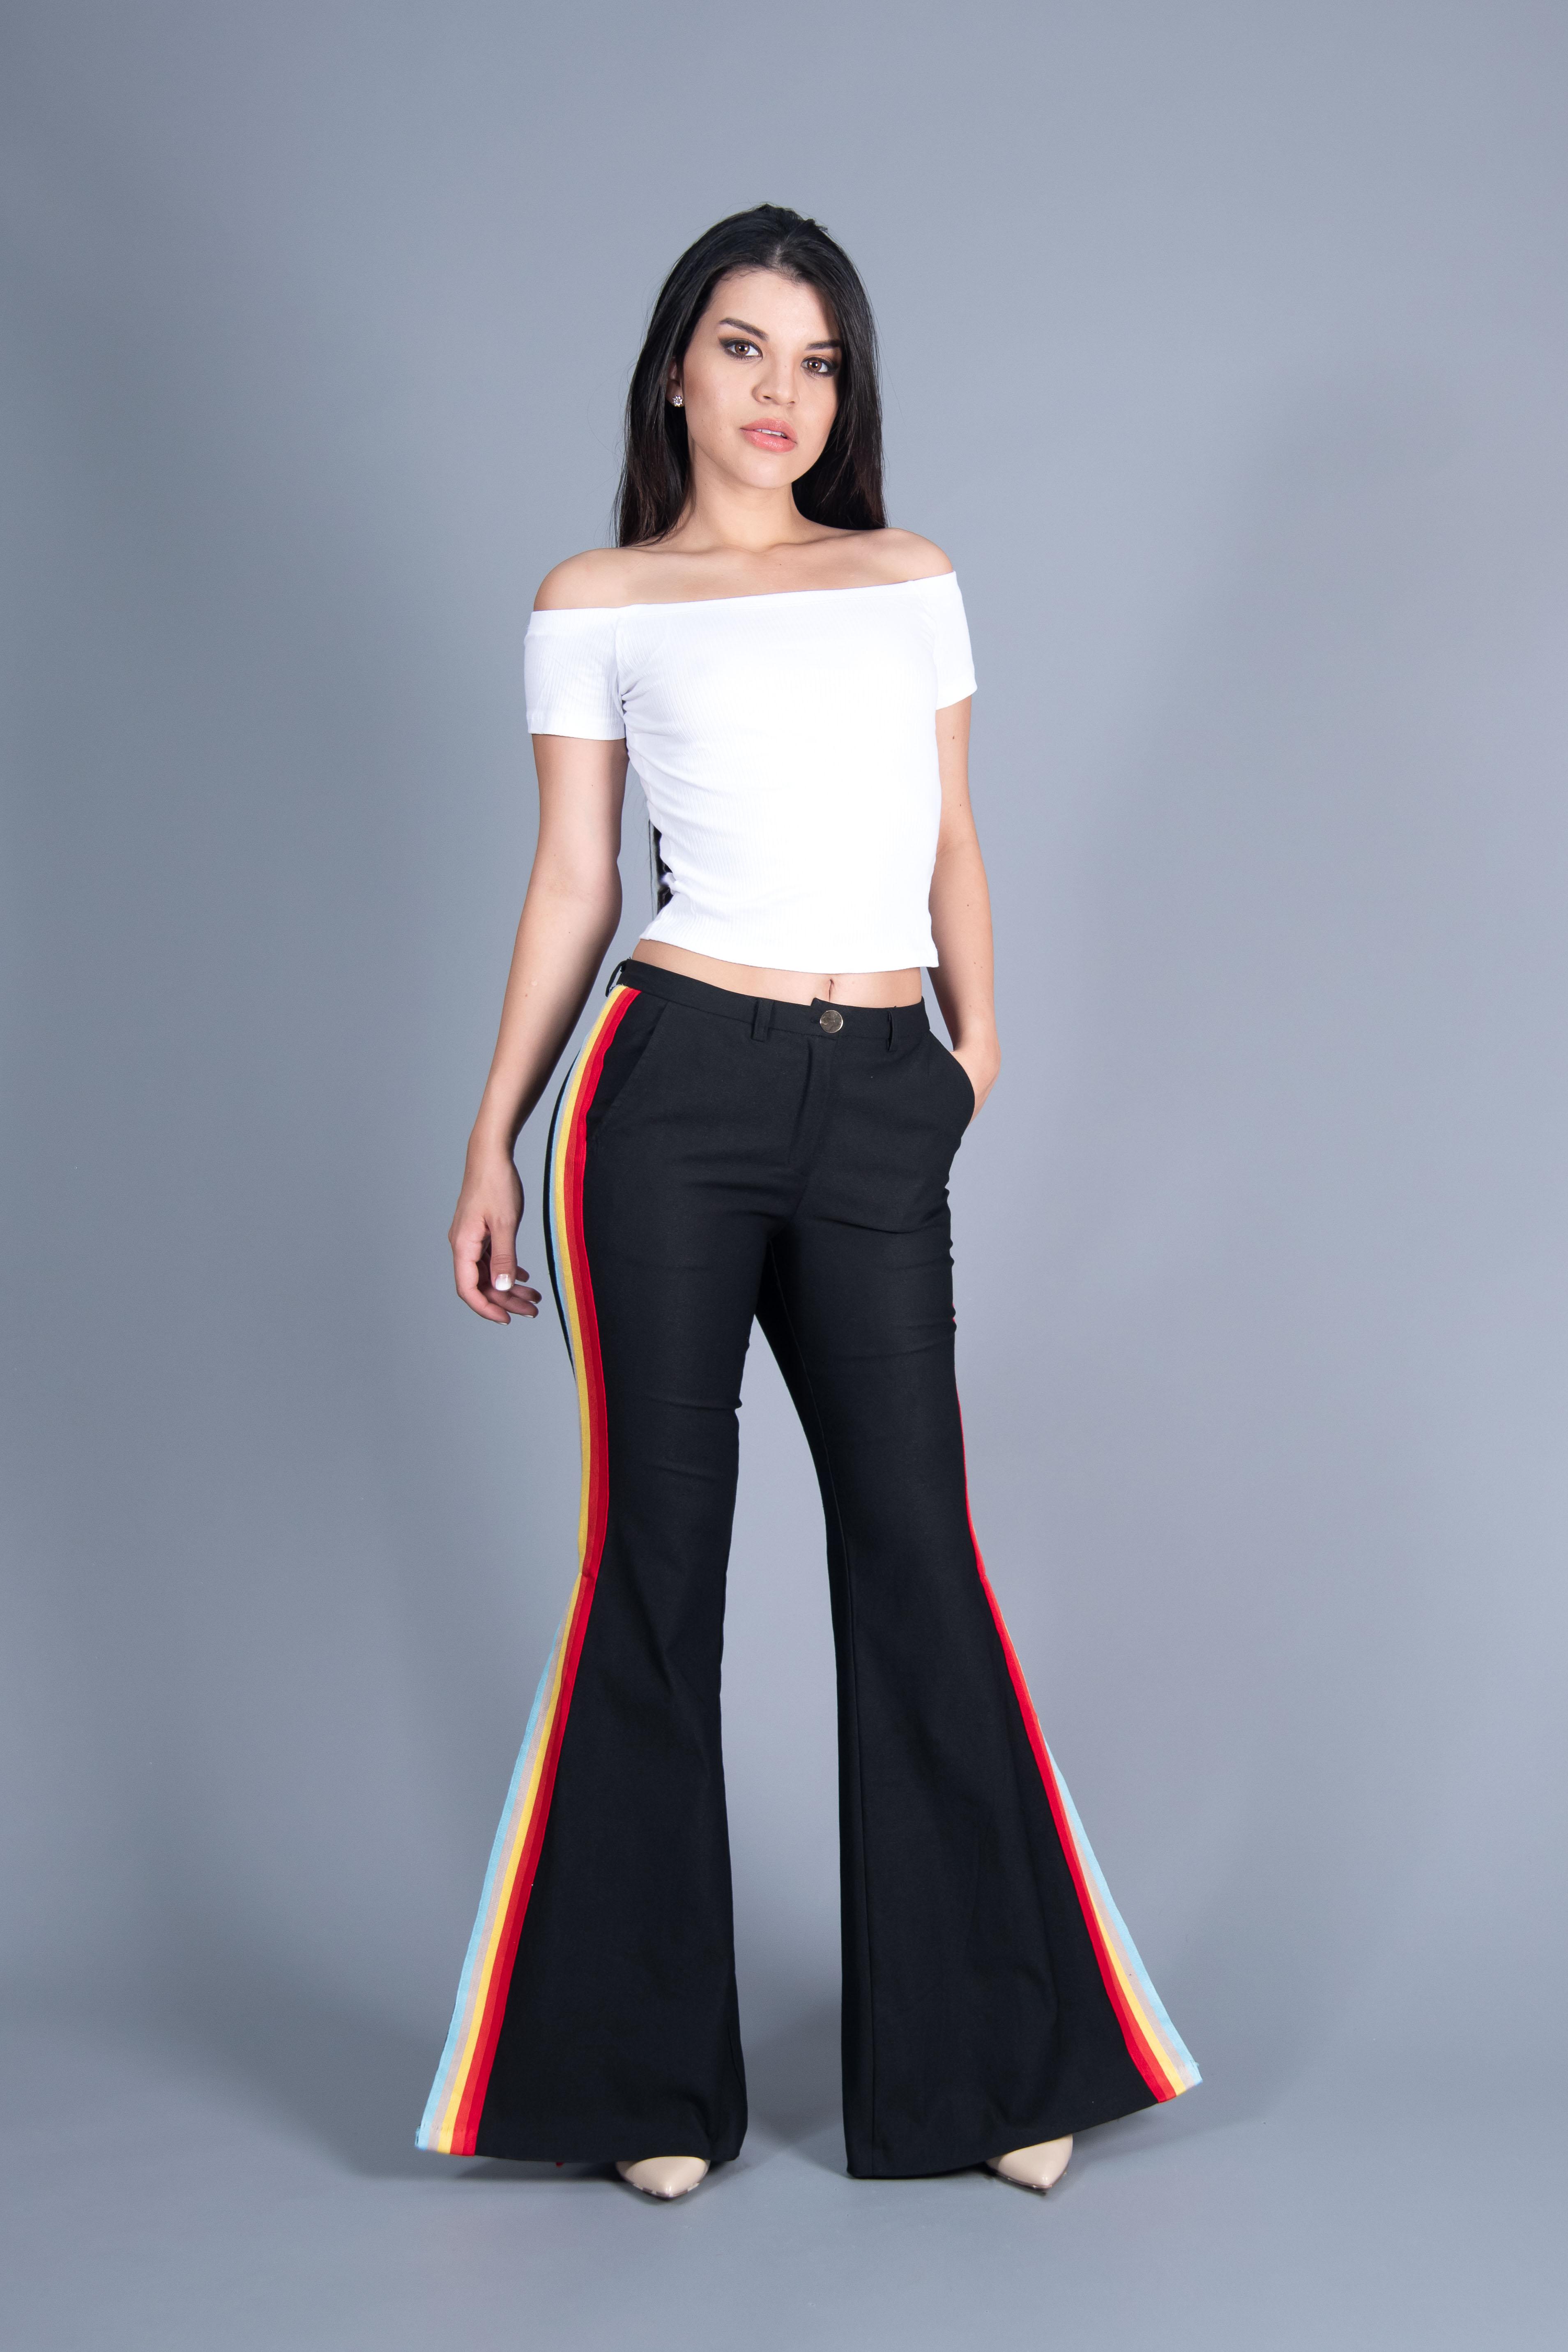 Pantalones Flare de Tiro Bajo